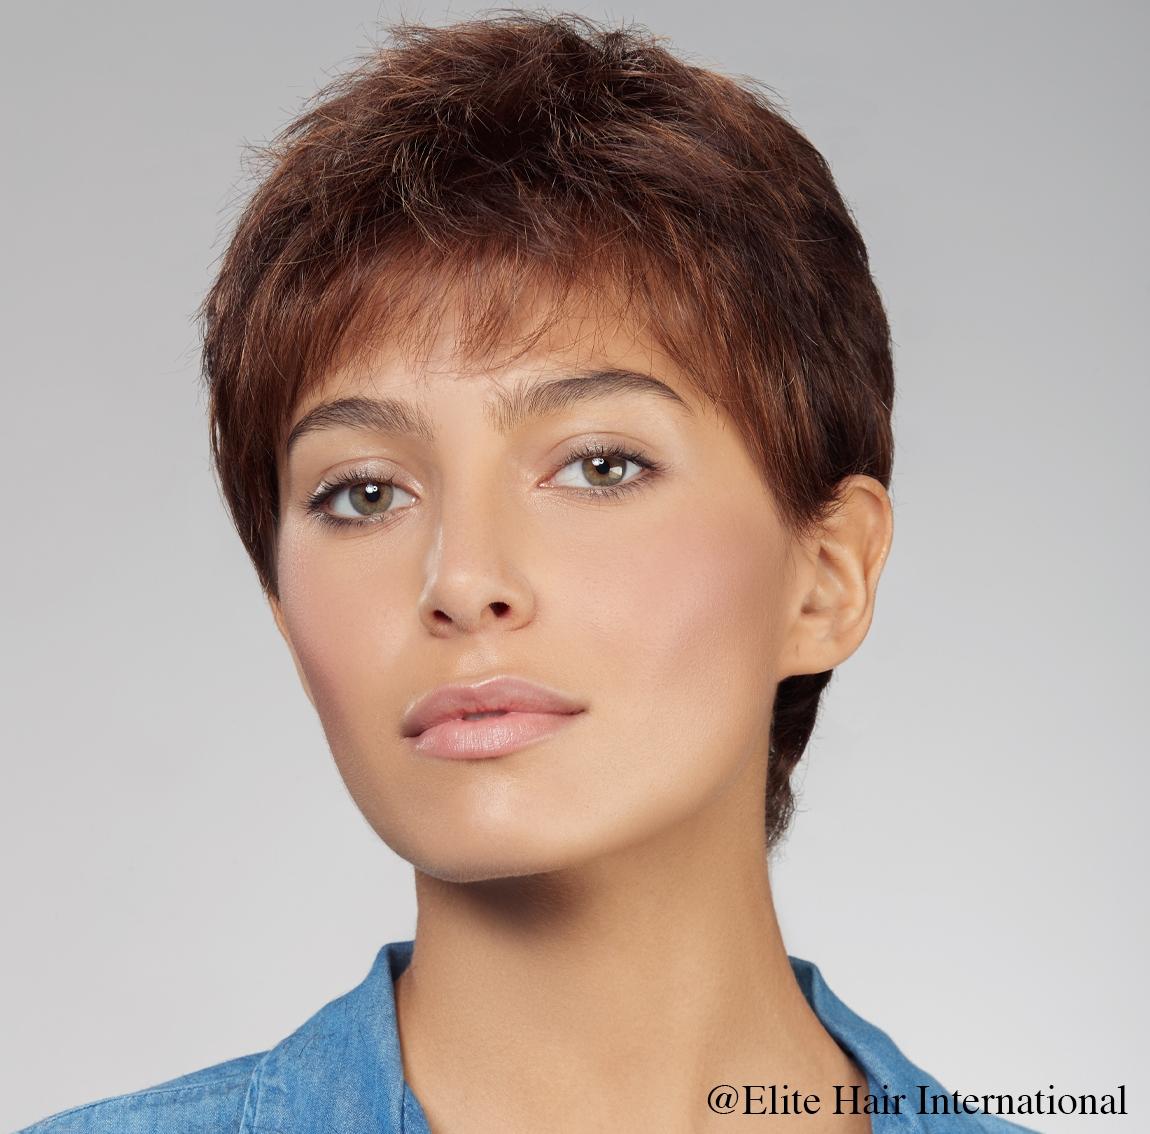 Portrait femme avec perruque expression en brun, cheveux de synthèse Elit Hair International